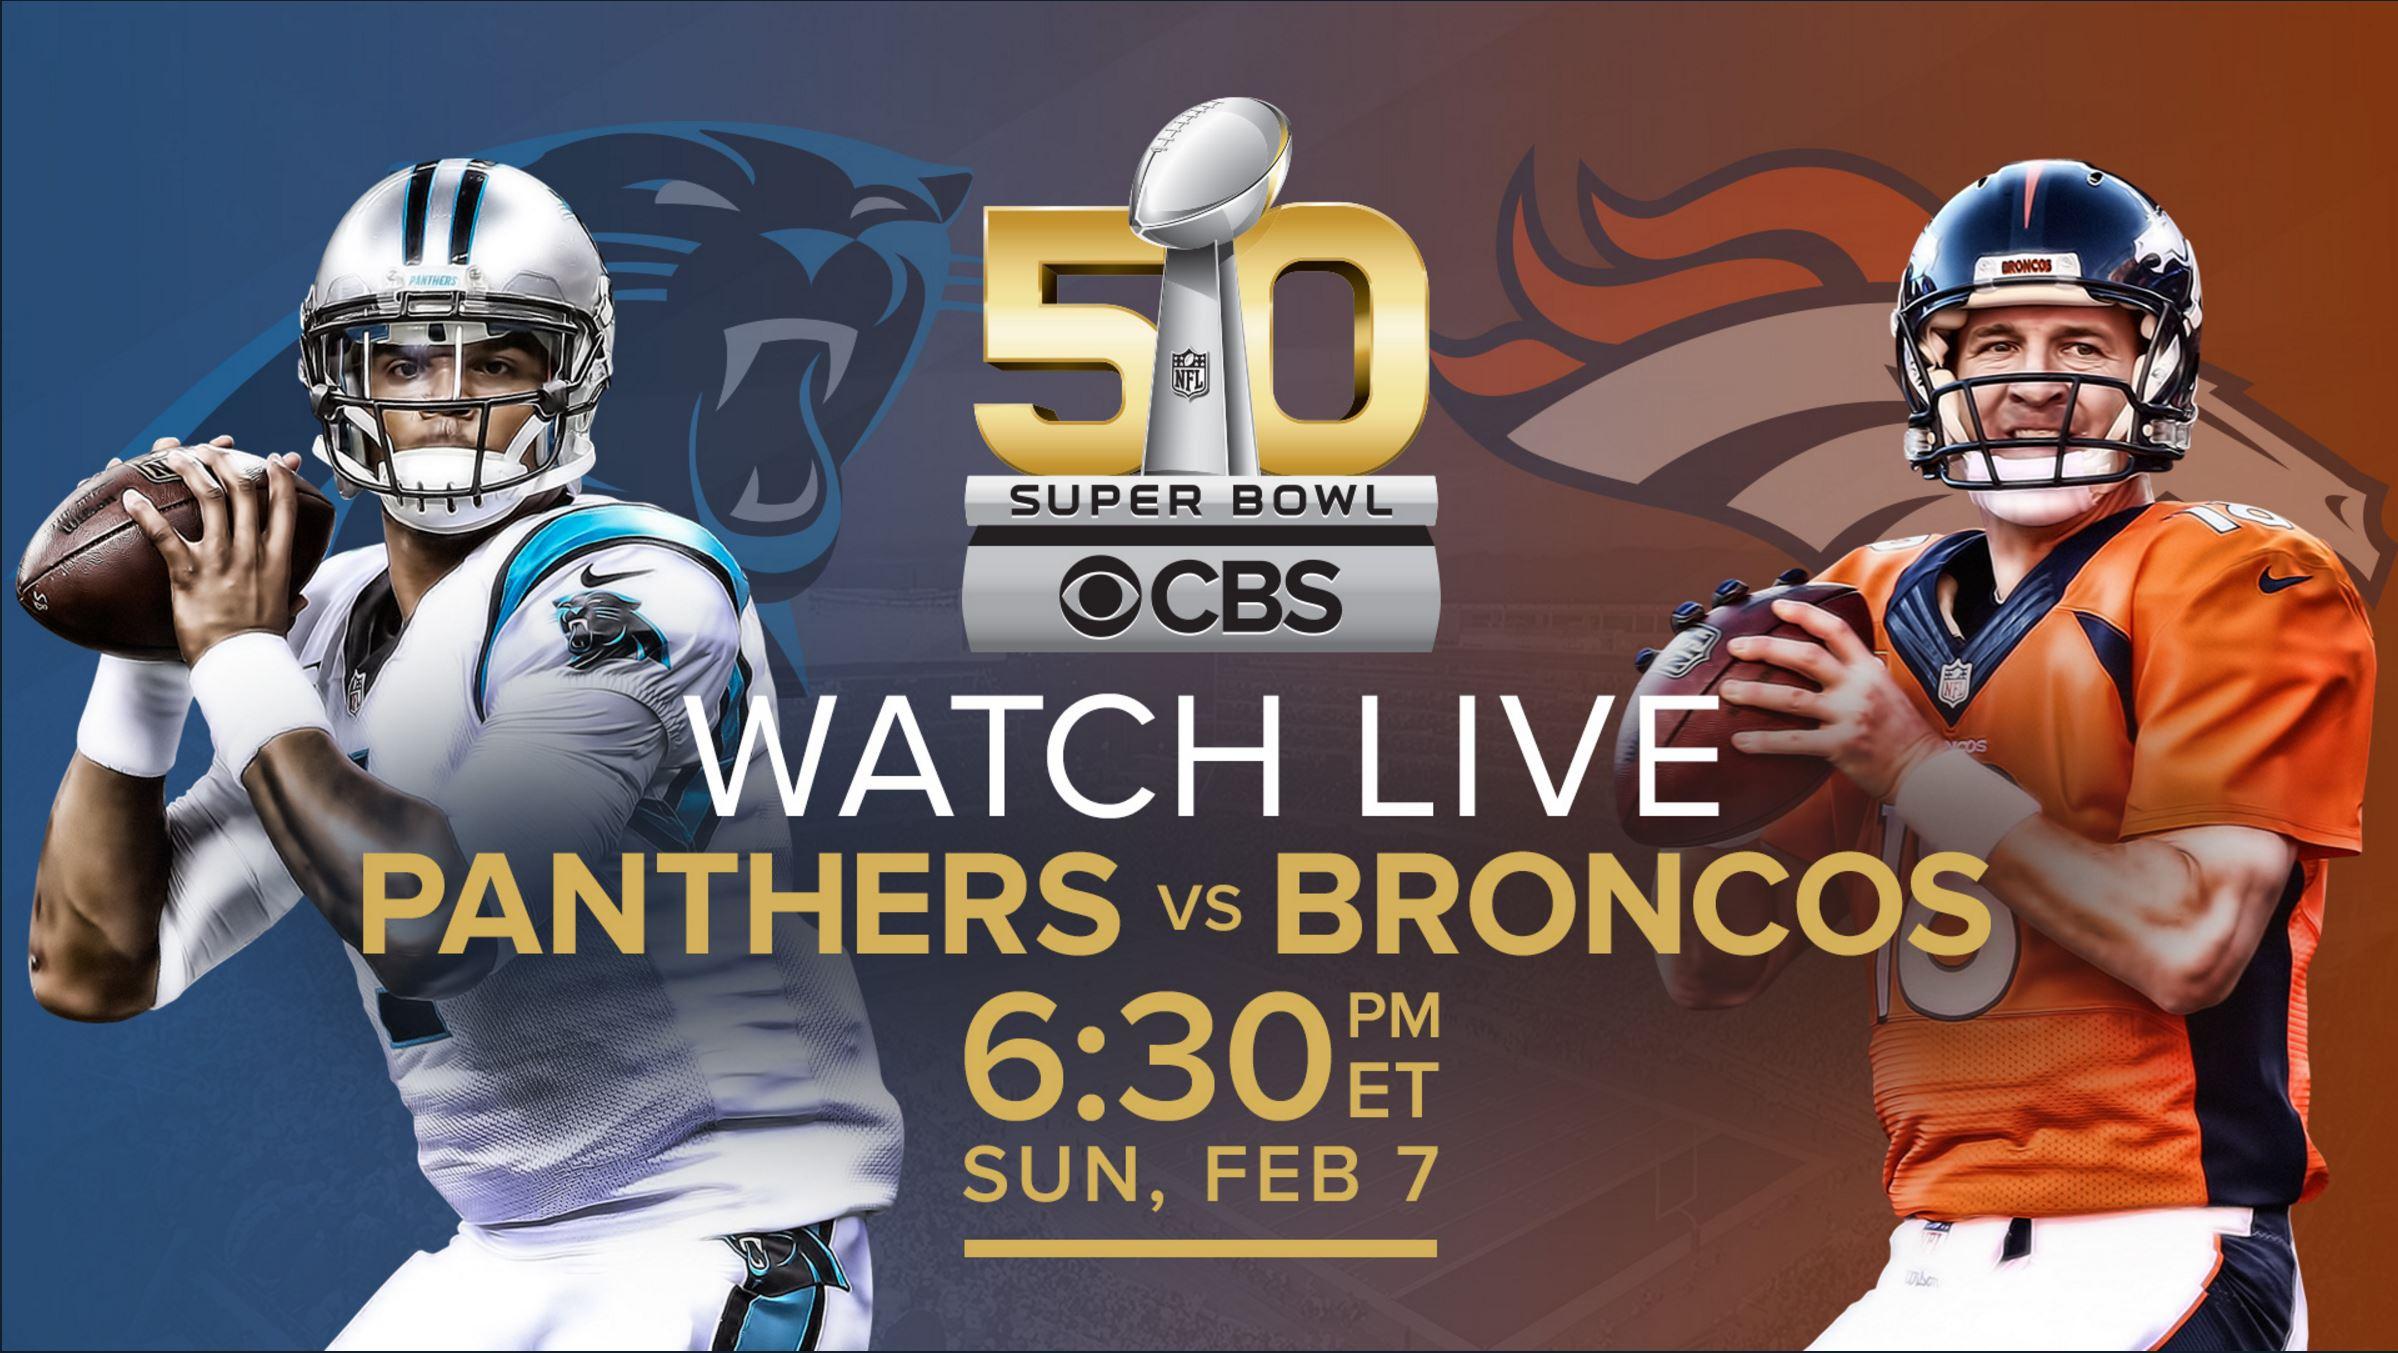 50. Super Bowl